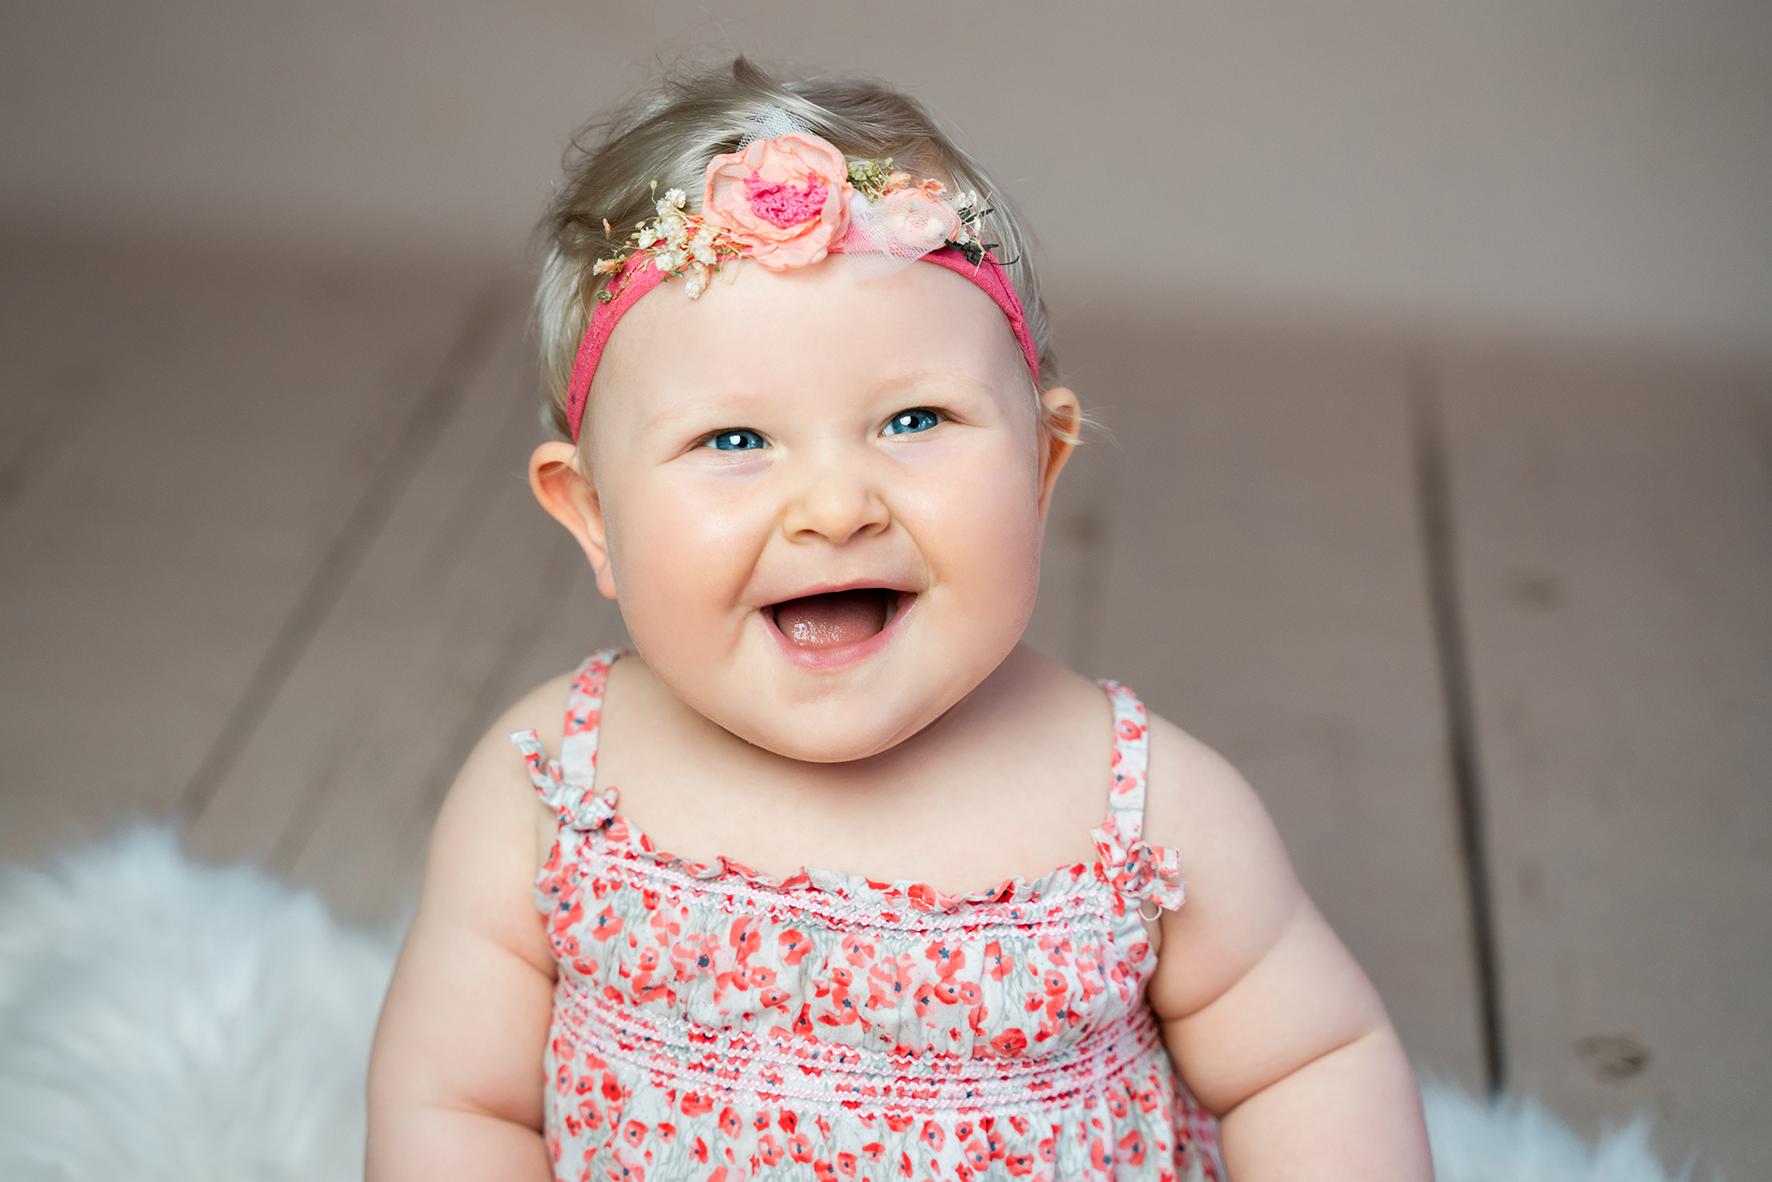 Kinderfotoshooting im Studio Mädchen mit Blumen im Haar lacht herzlich